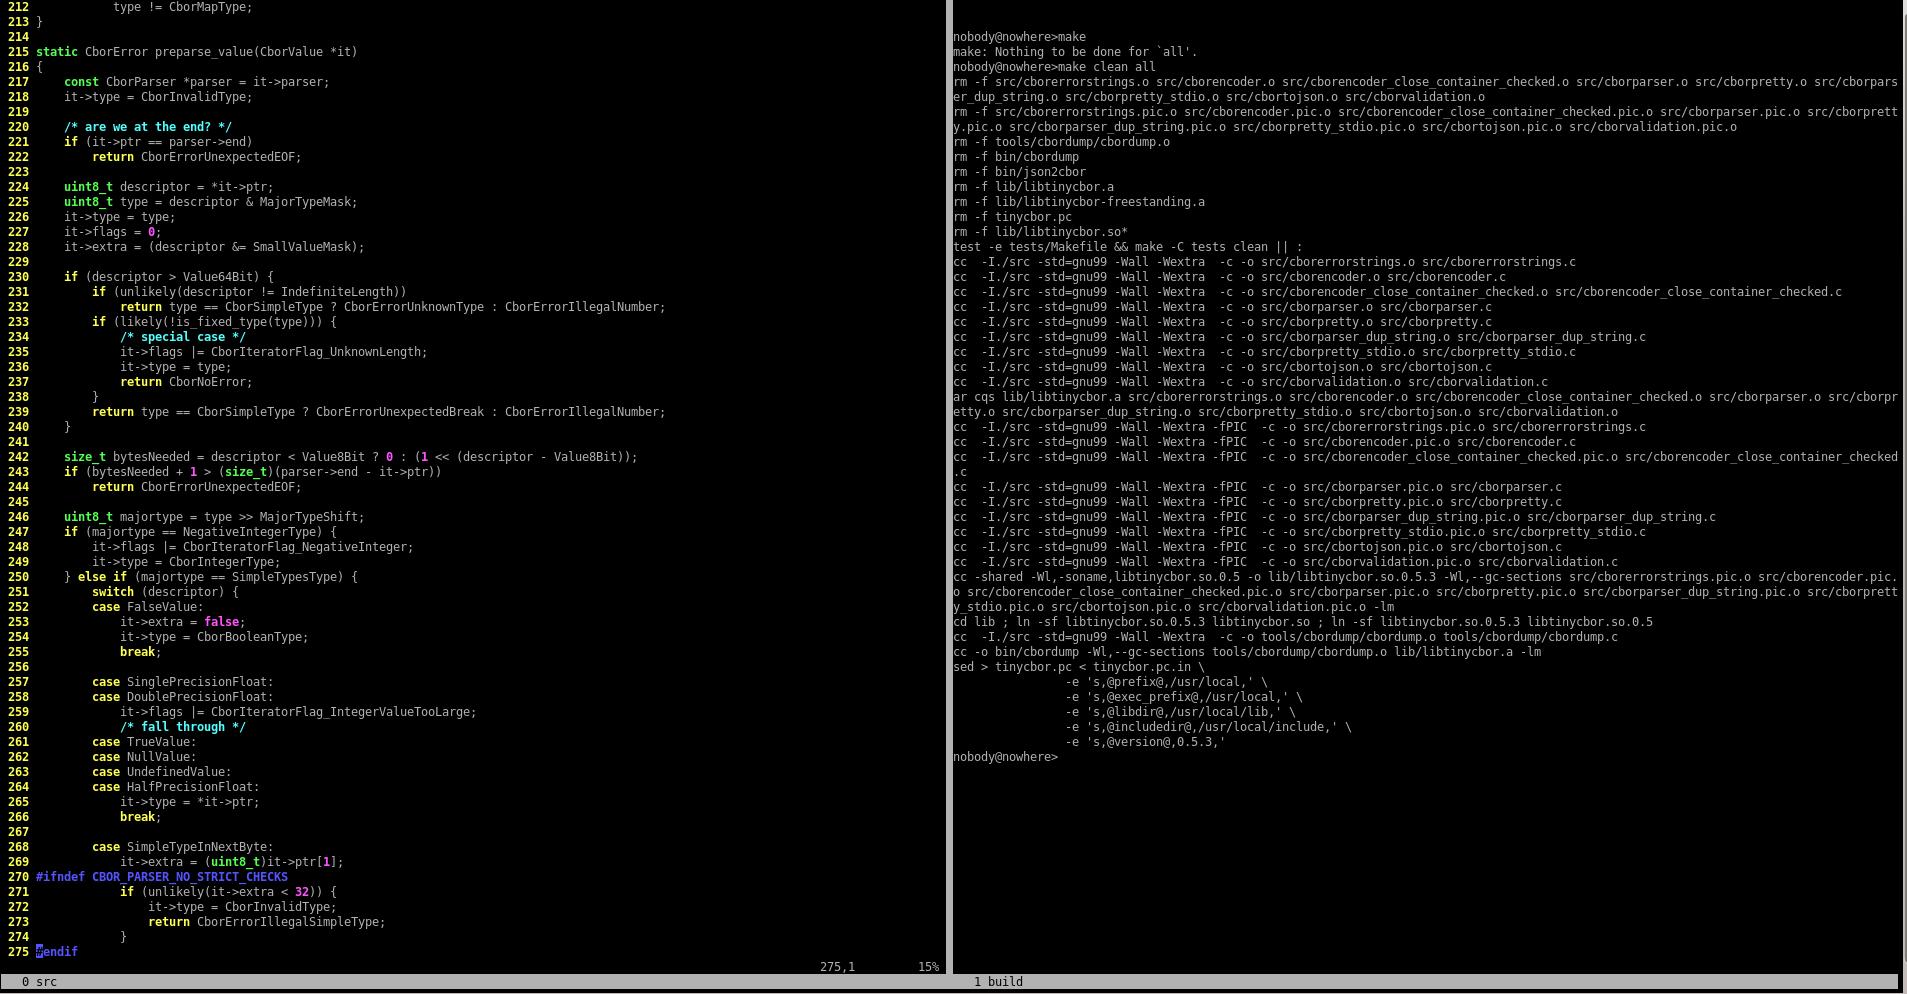 Screen c экраном, разделенным на два региона